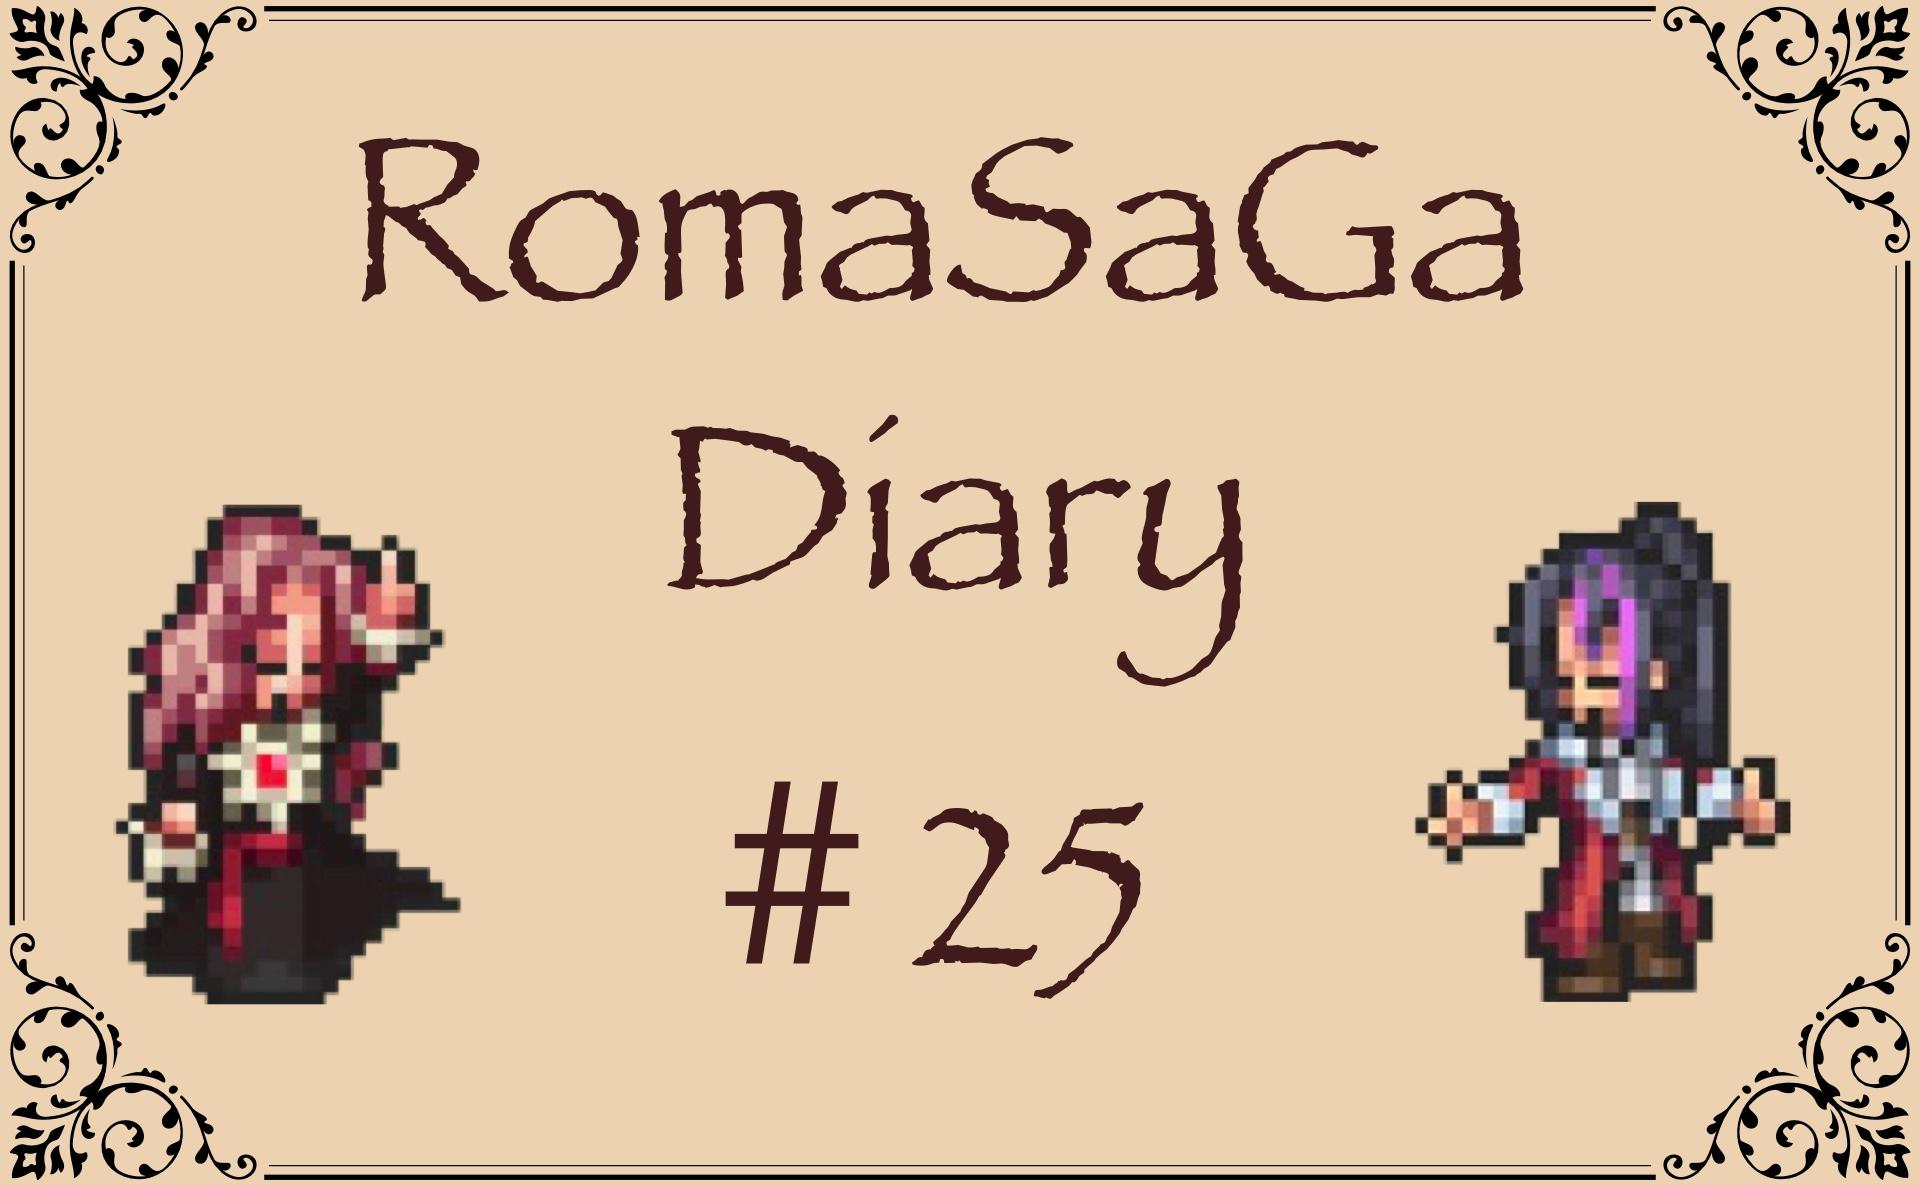 ロマサガDiary#25